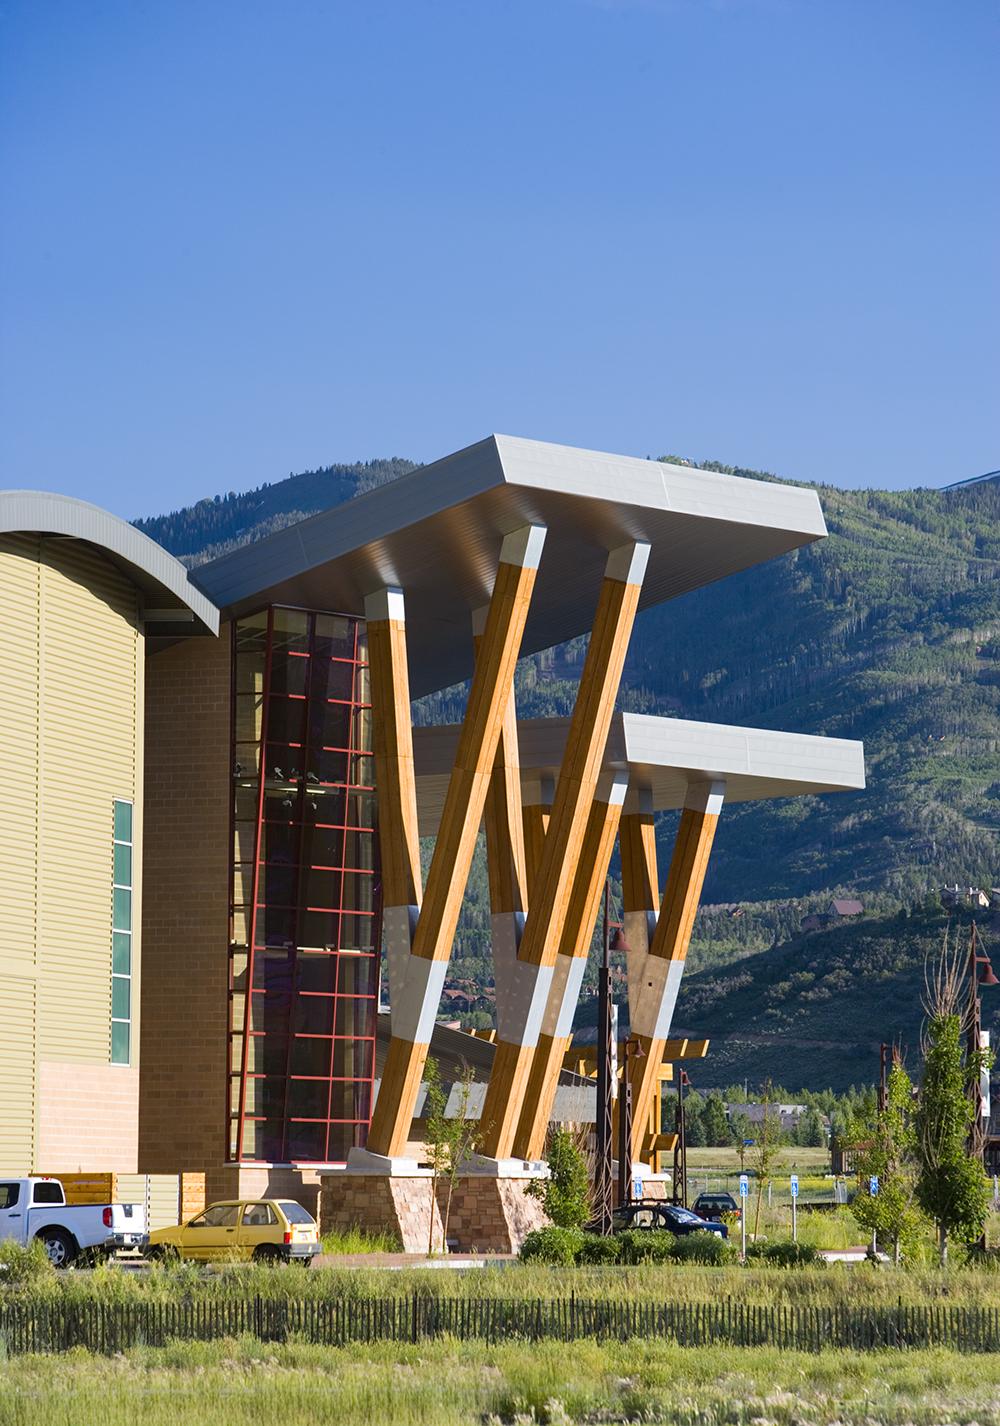 Multi-purpose recreation center design in Park City